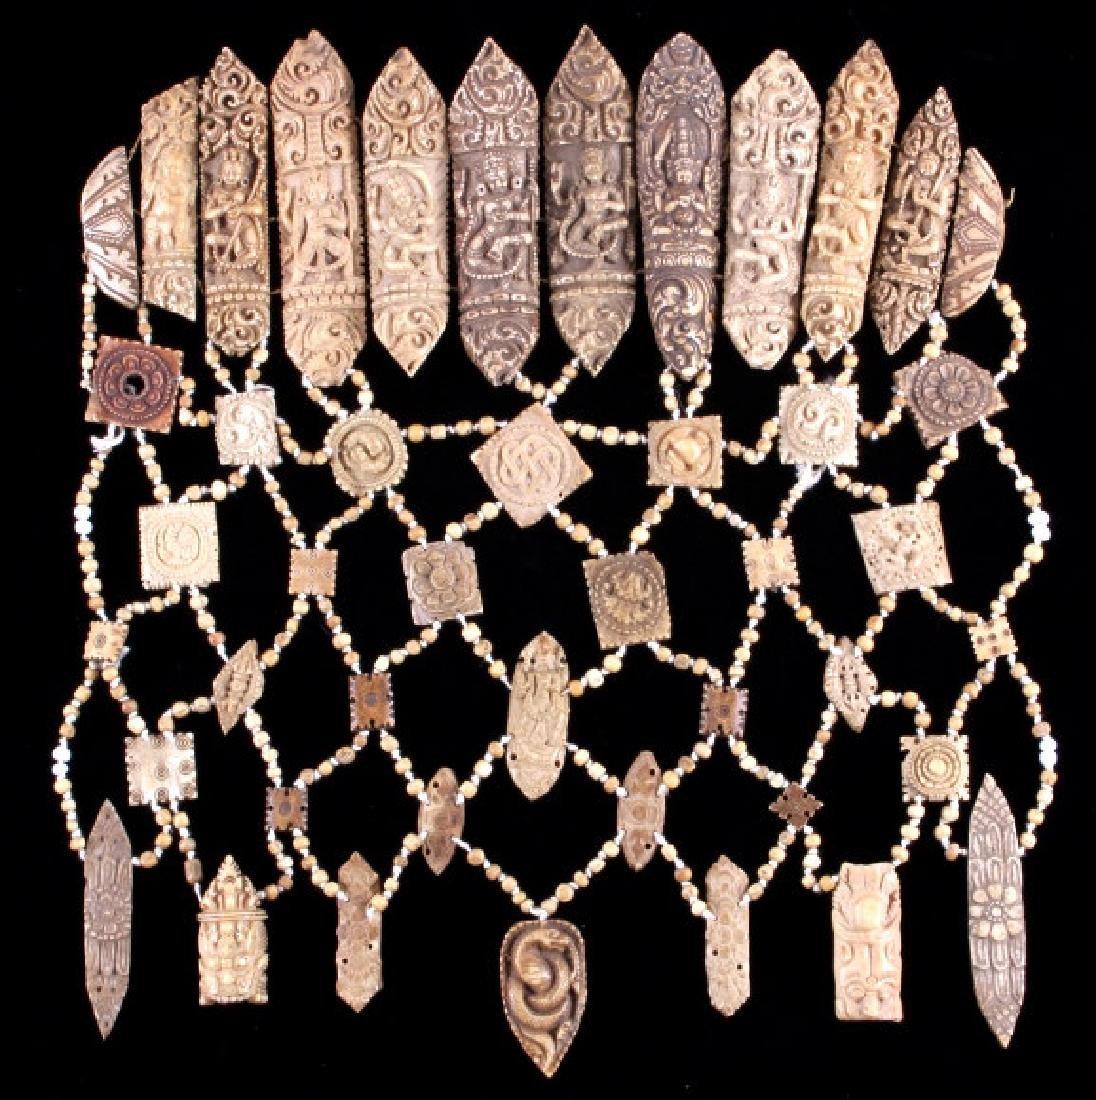 Tibetan Ritual Bone Apron Crown Cuffs 18th/19th C. - 2